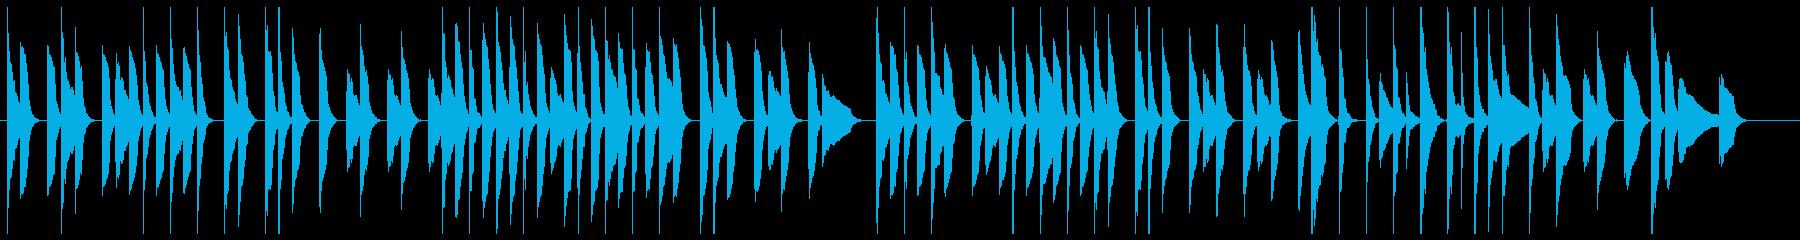 ゆったりほのぼの、ピアノとバイオリンの再生済みの波形